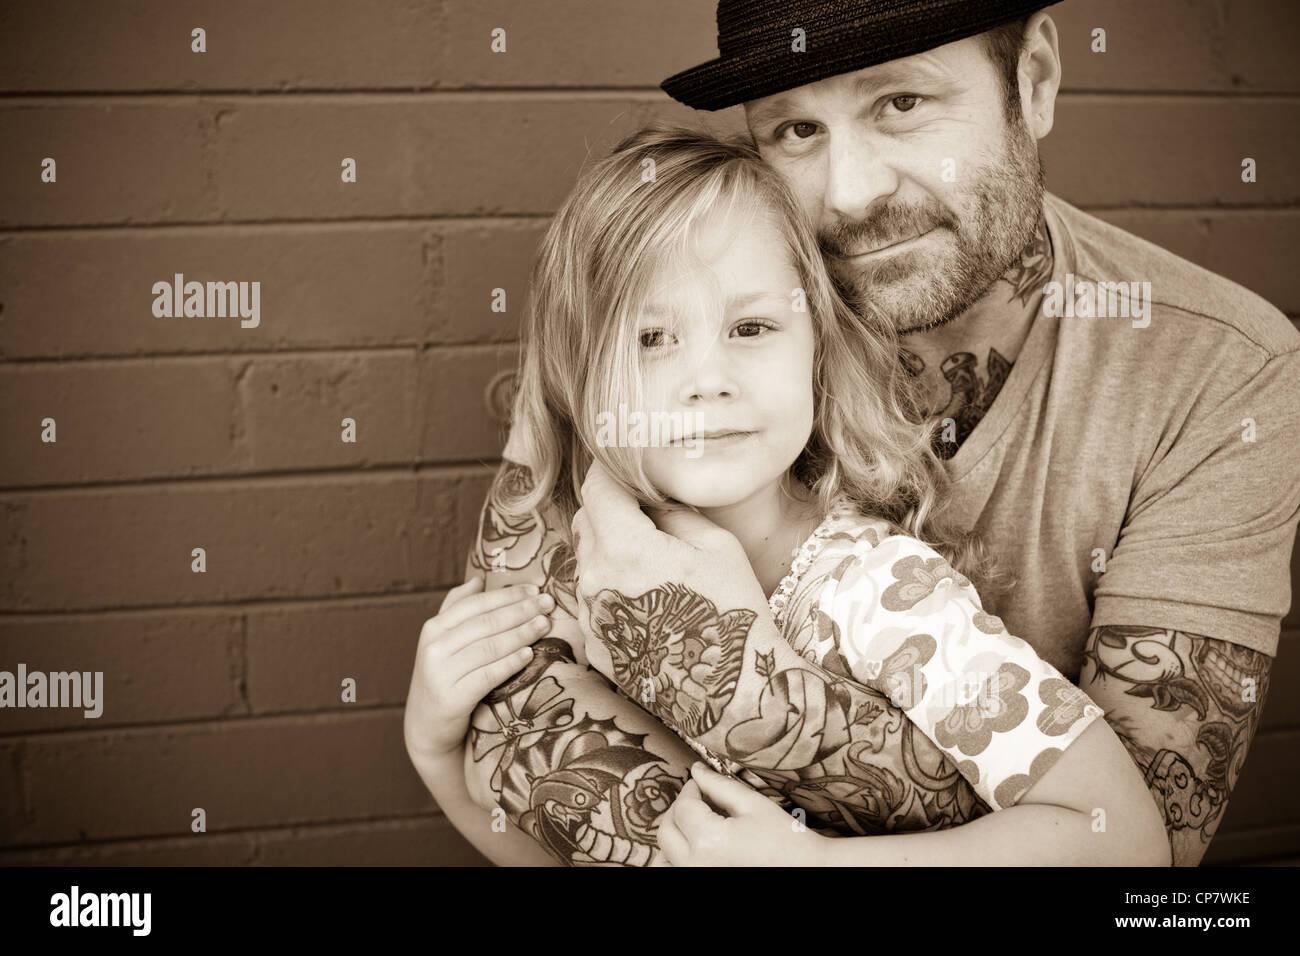 Padre tiene la sua figlia di cinque anni e guarda la fotocamera. Immagini Stock